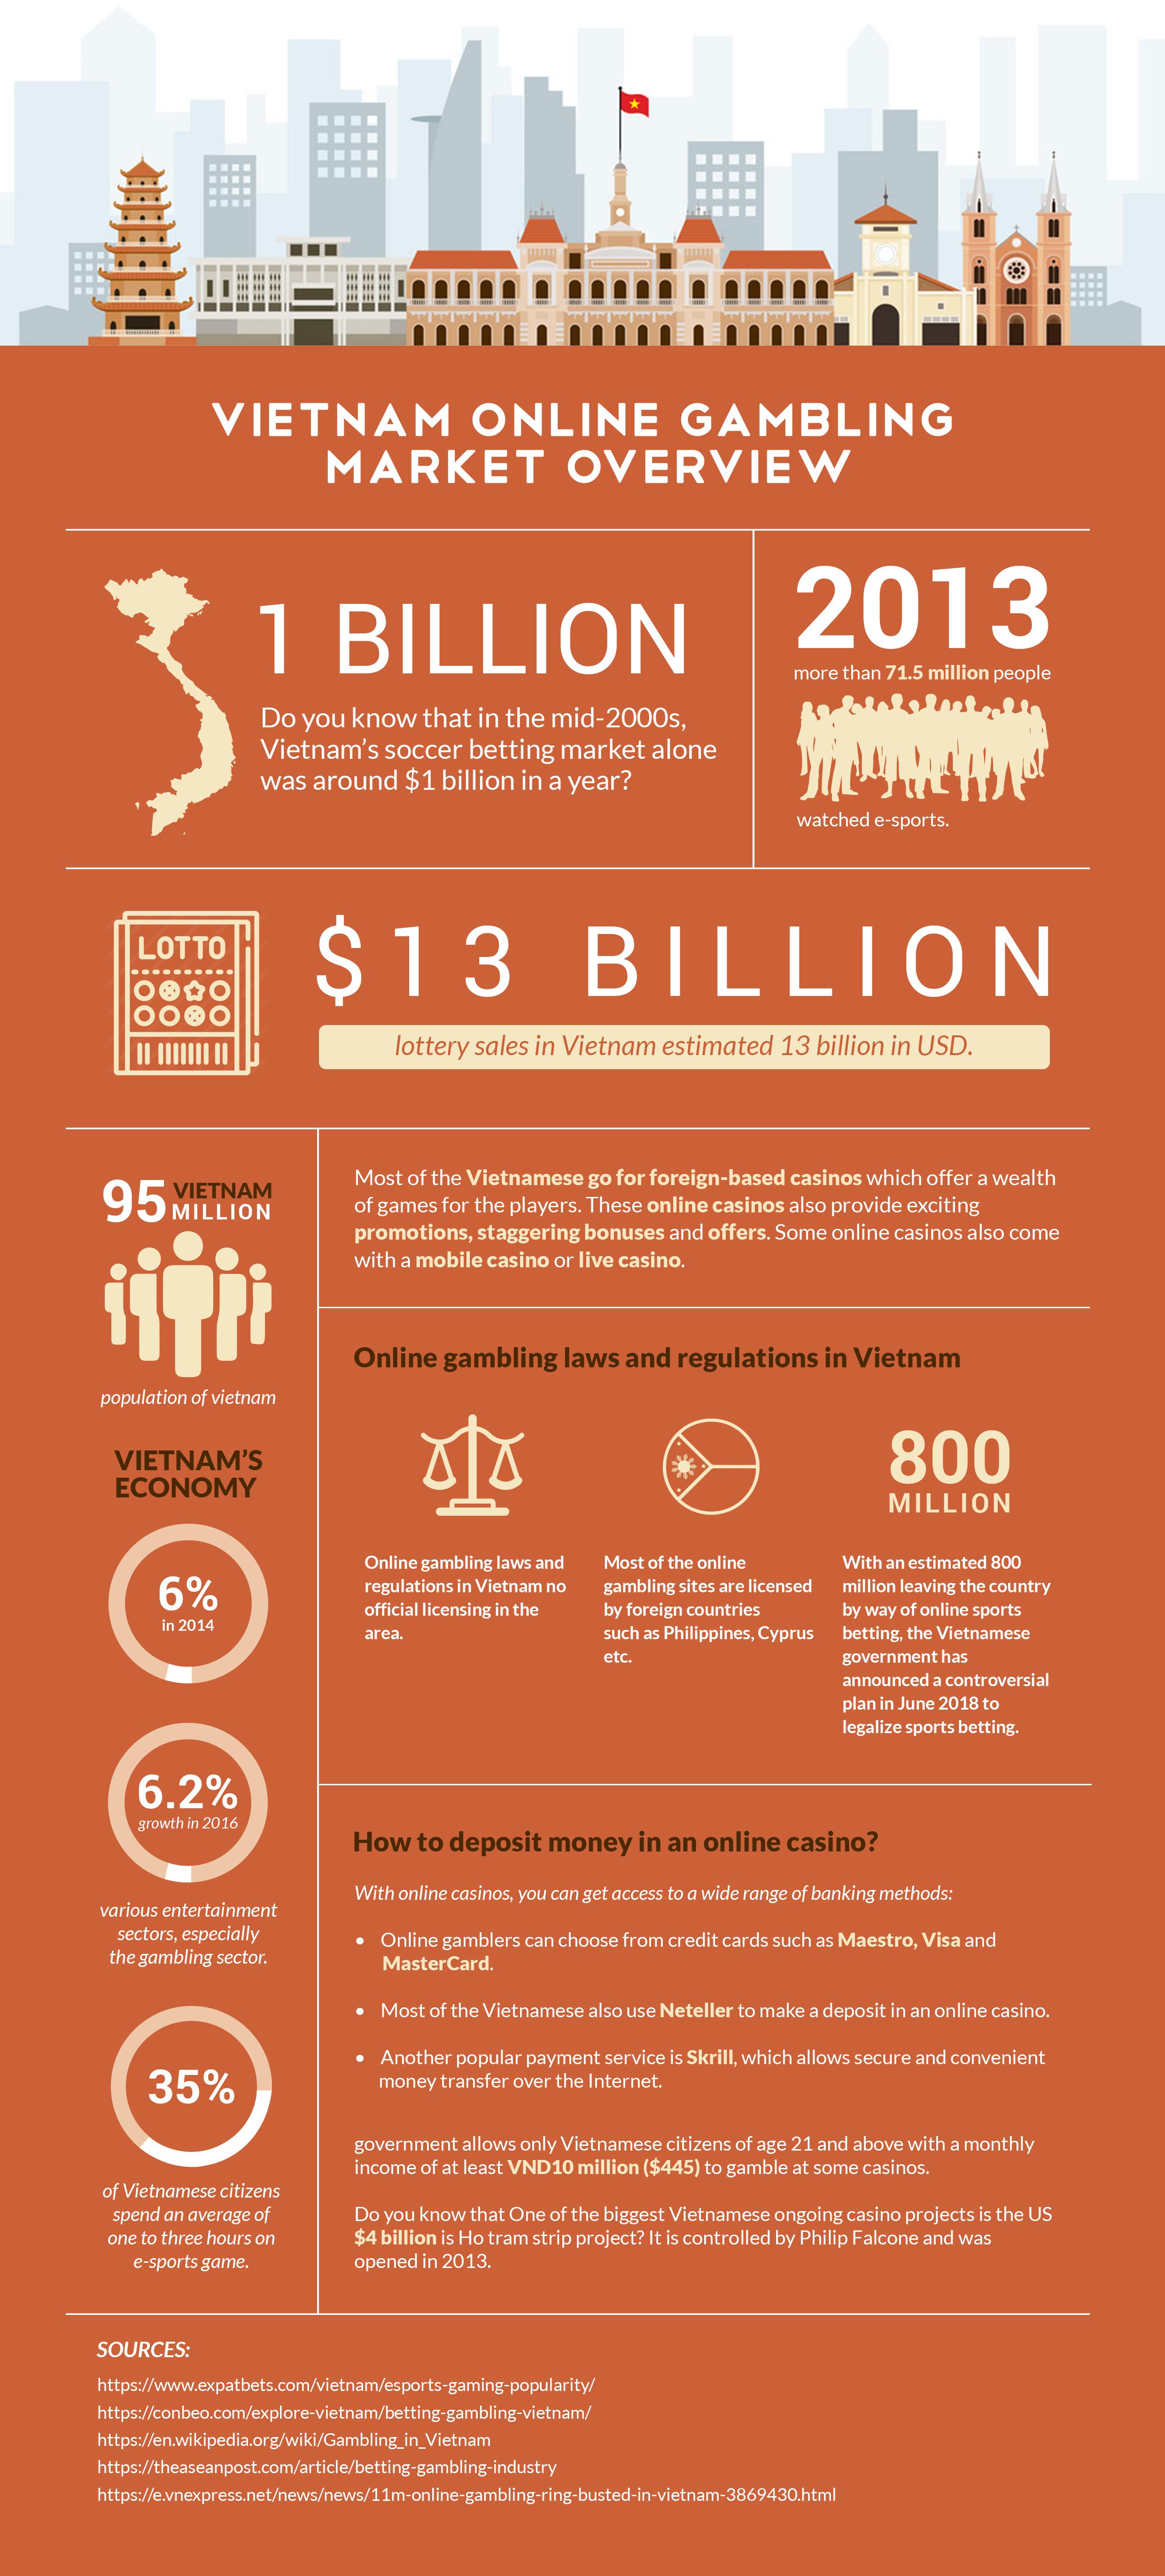 Vietnam Online Gambling Market Overview Blog post infographic